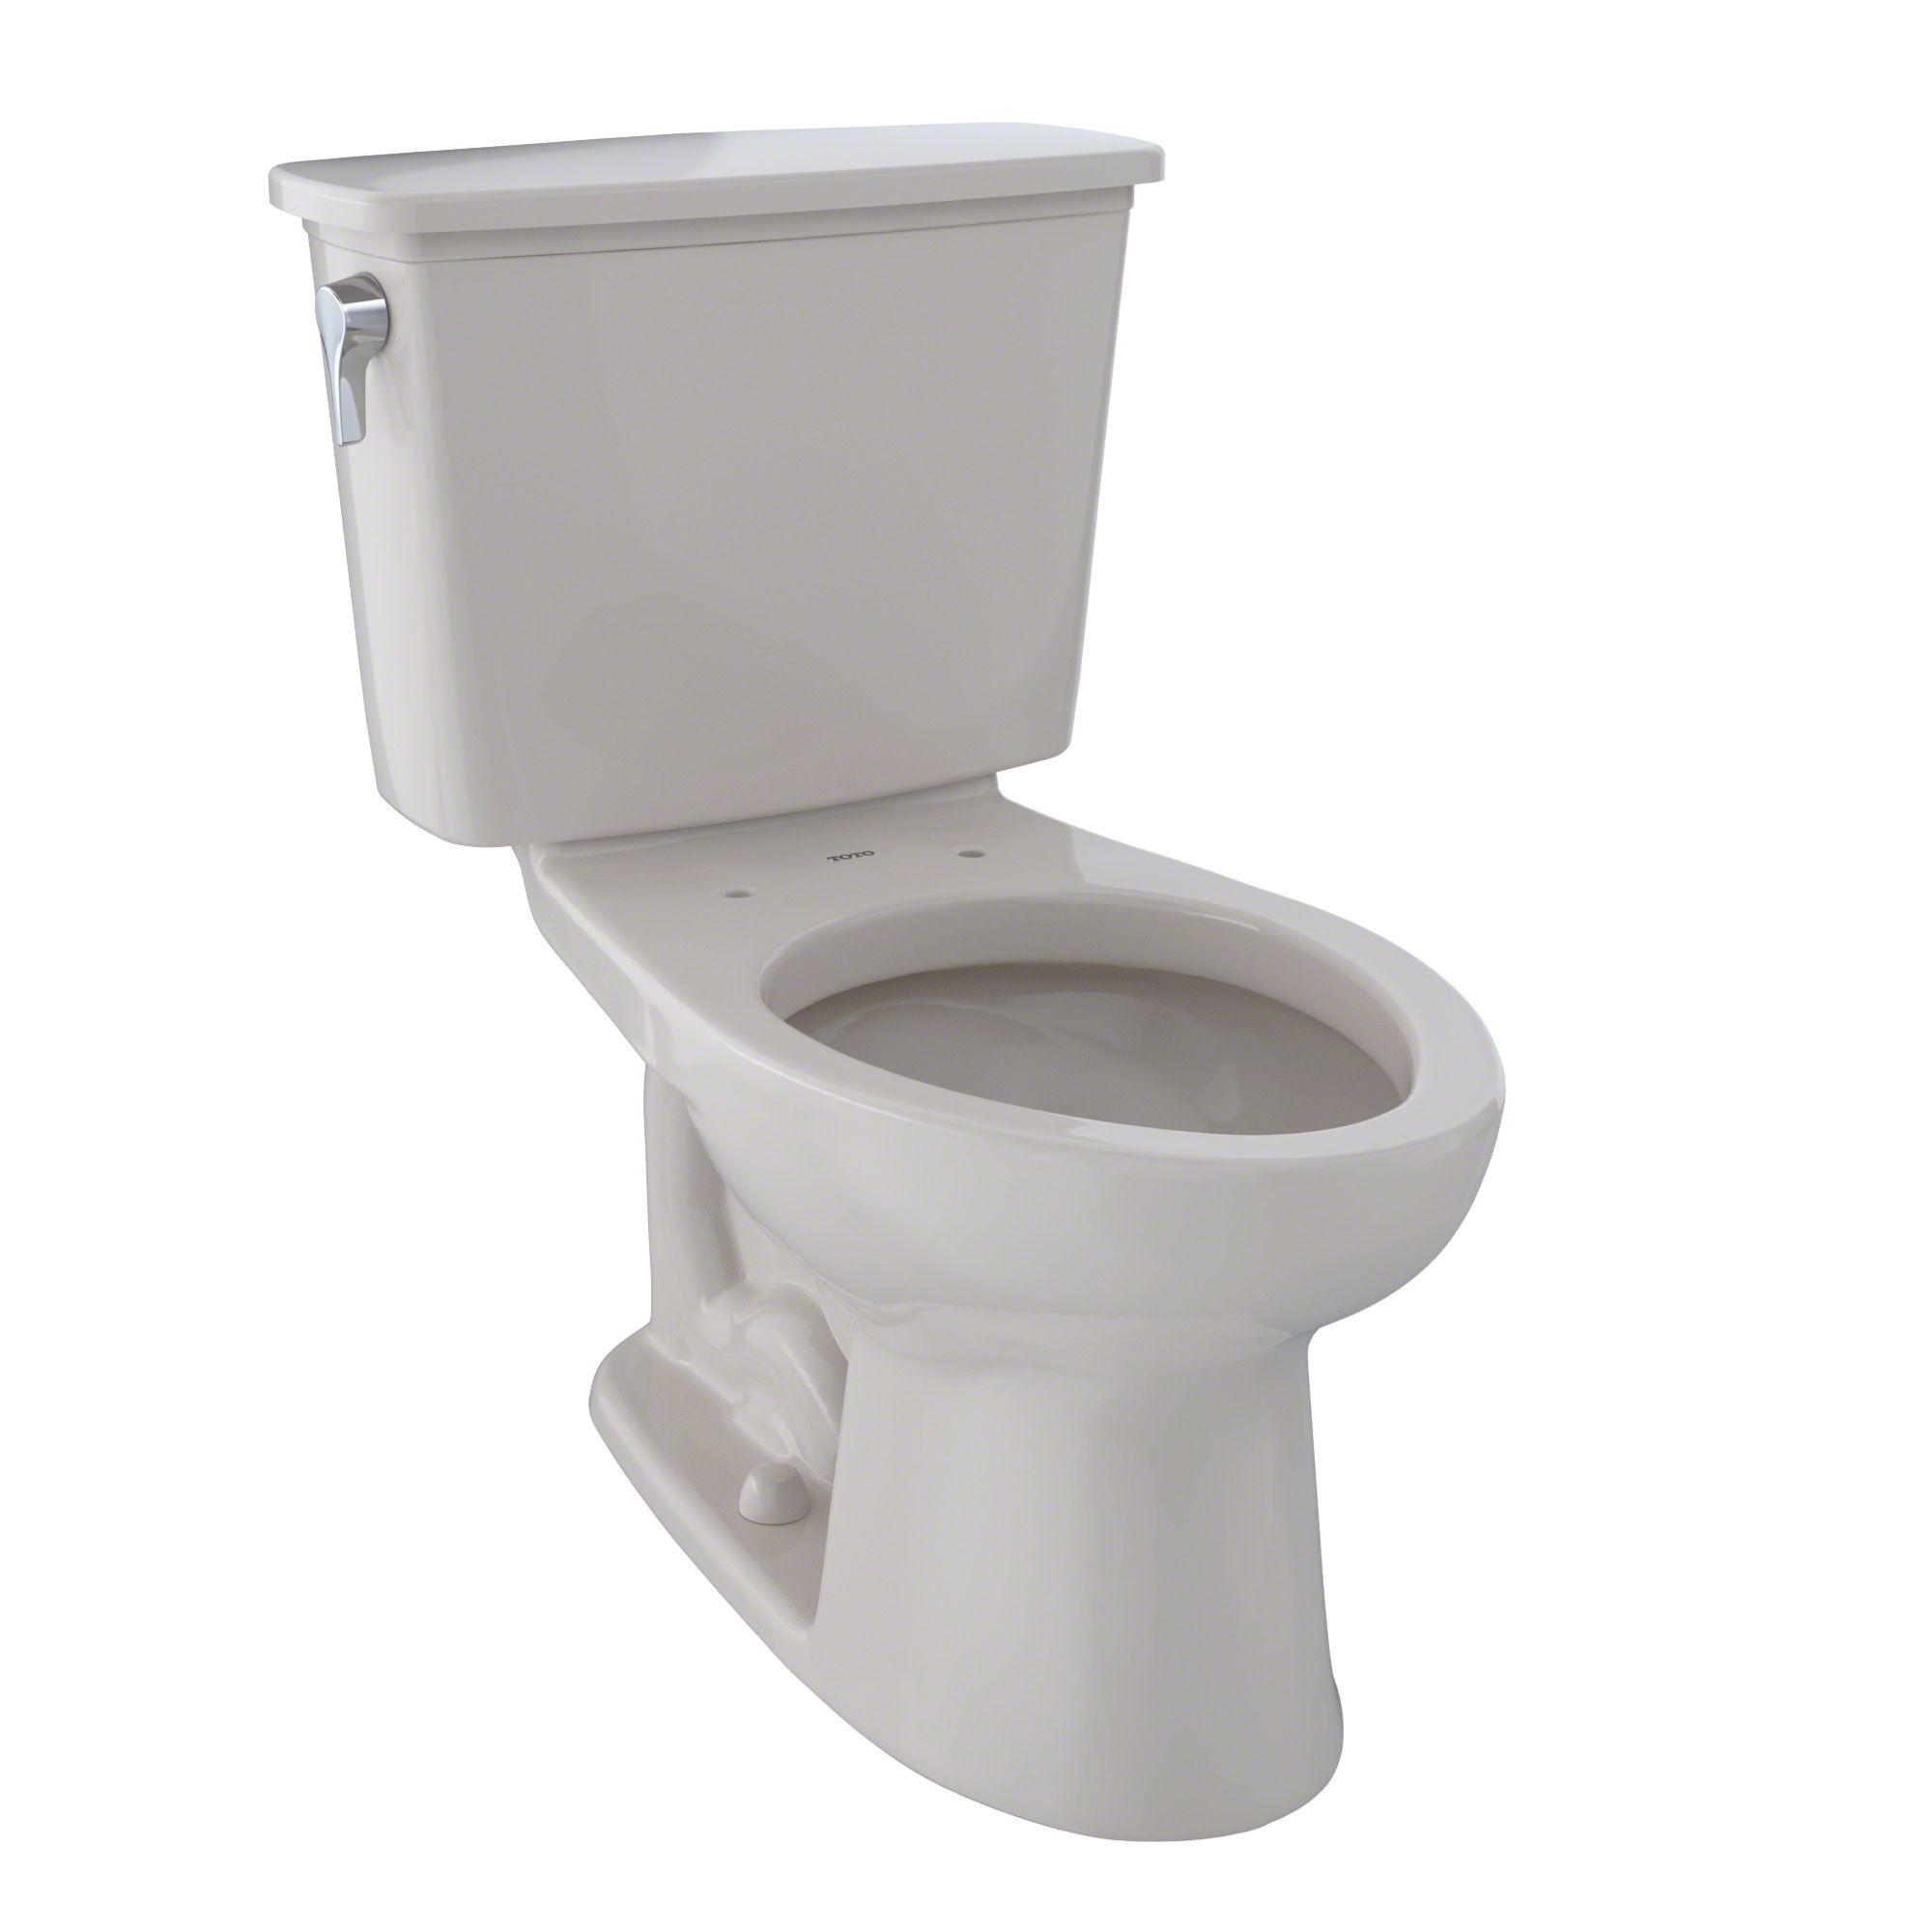 Toto Eco Drake Transitional Two Piece Elongated 1 28 Gpf Toilet Sedona Beige Cst744en 12 Toilet Modern Aesthetics Dual Flush Toilet